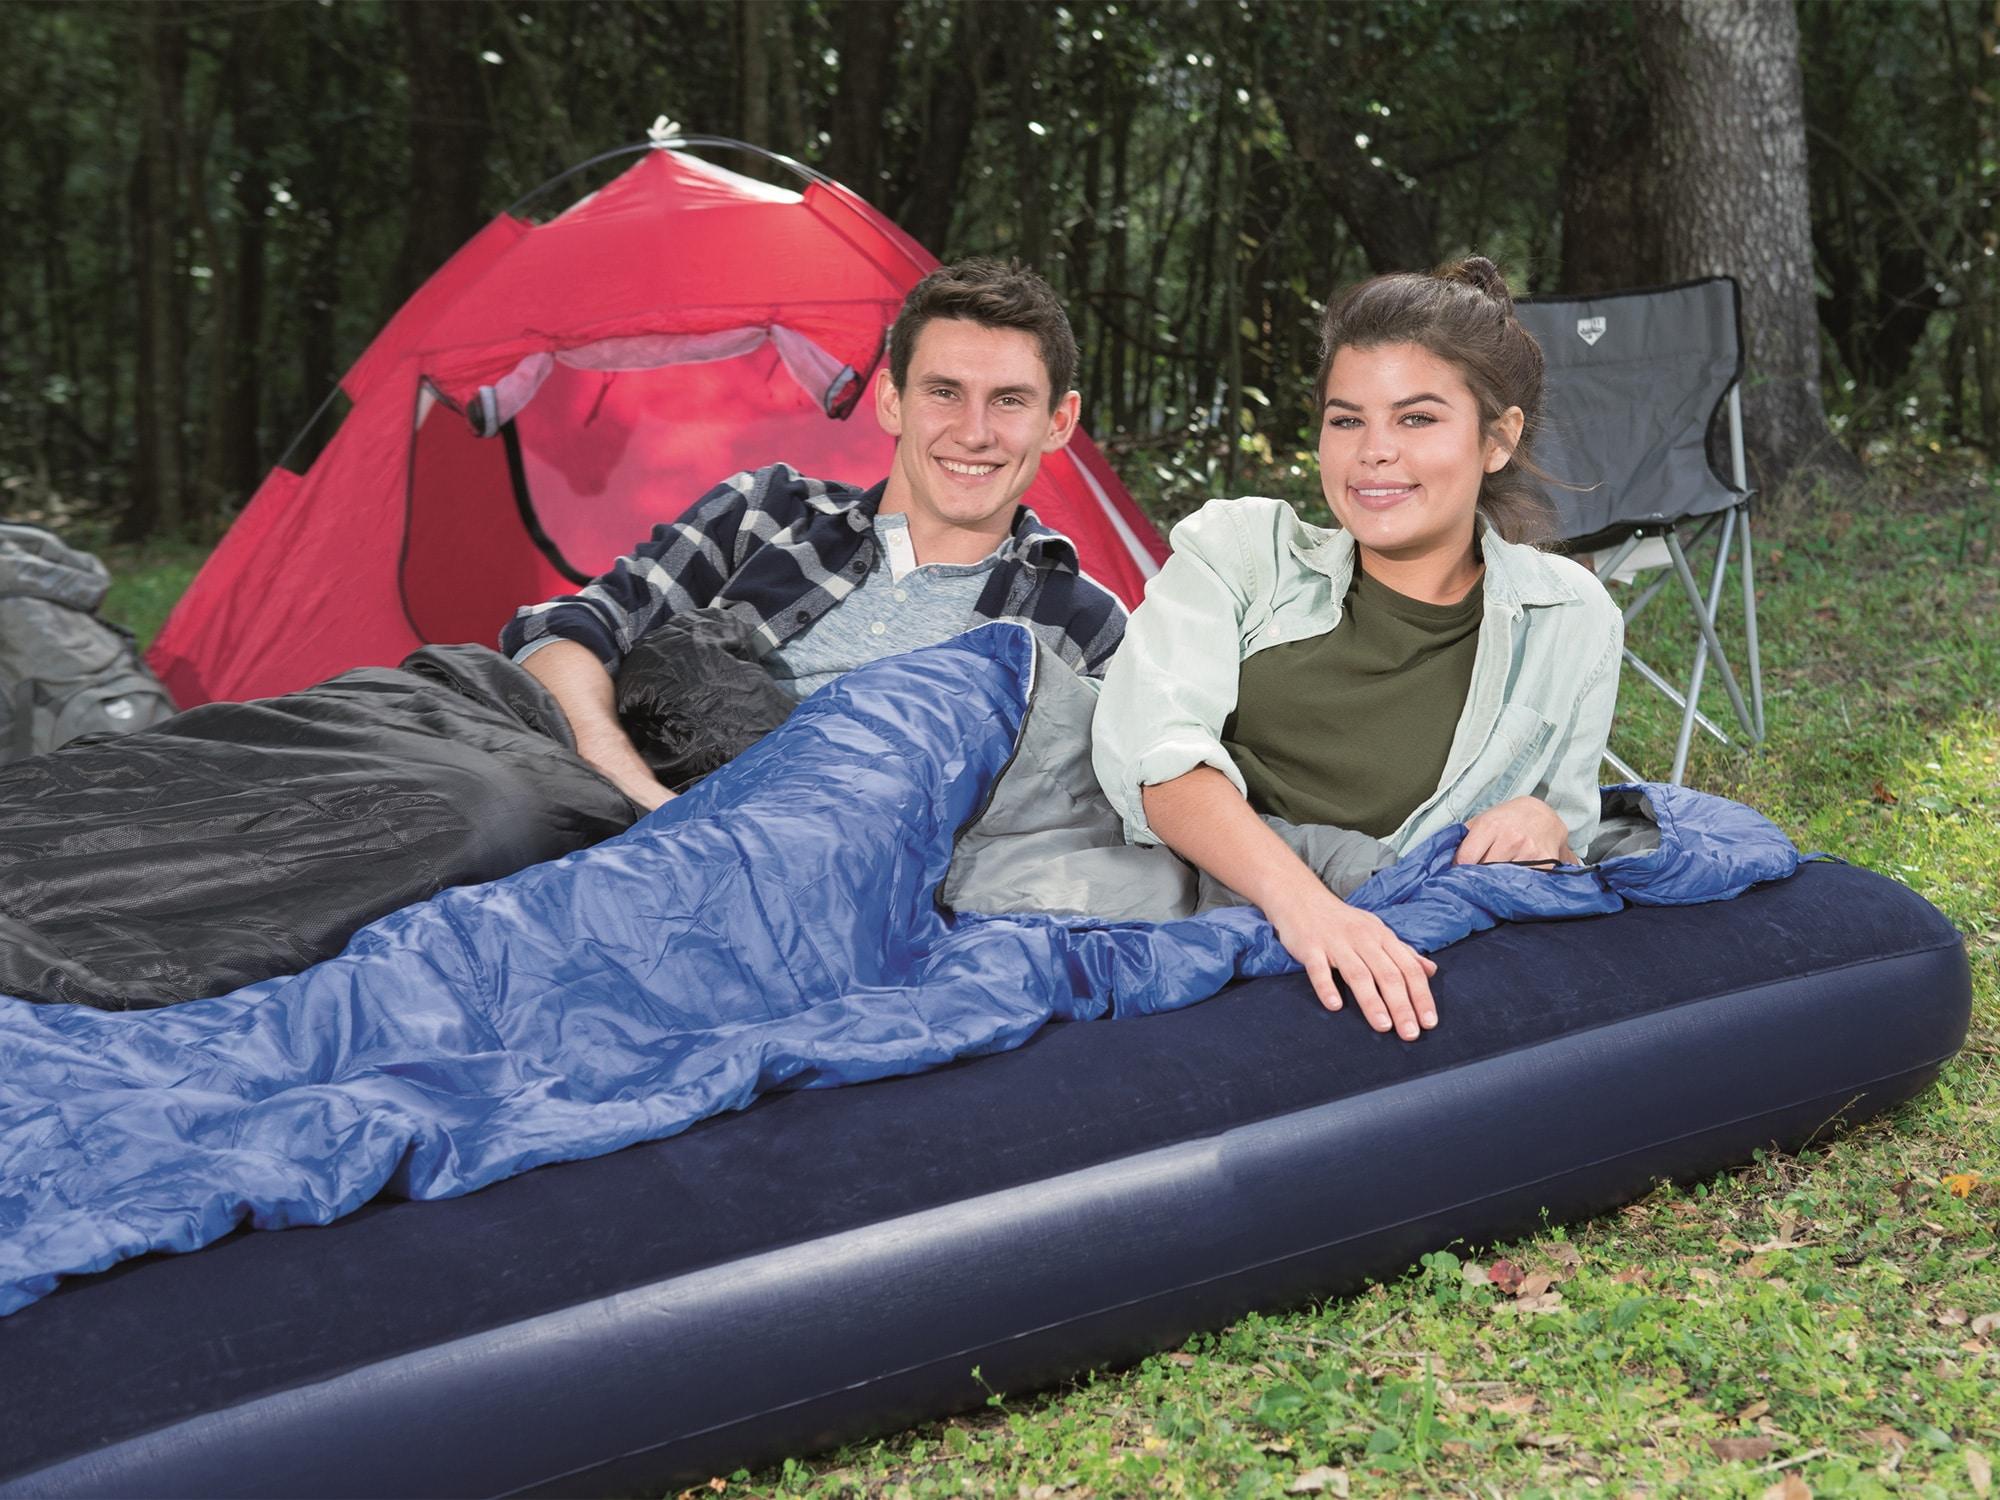 To personer liggende i sovepose på oppblåsbar madrass